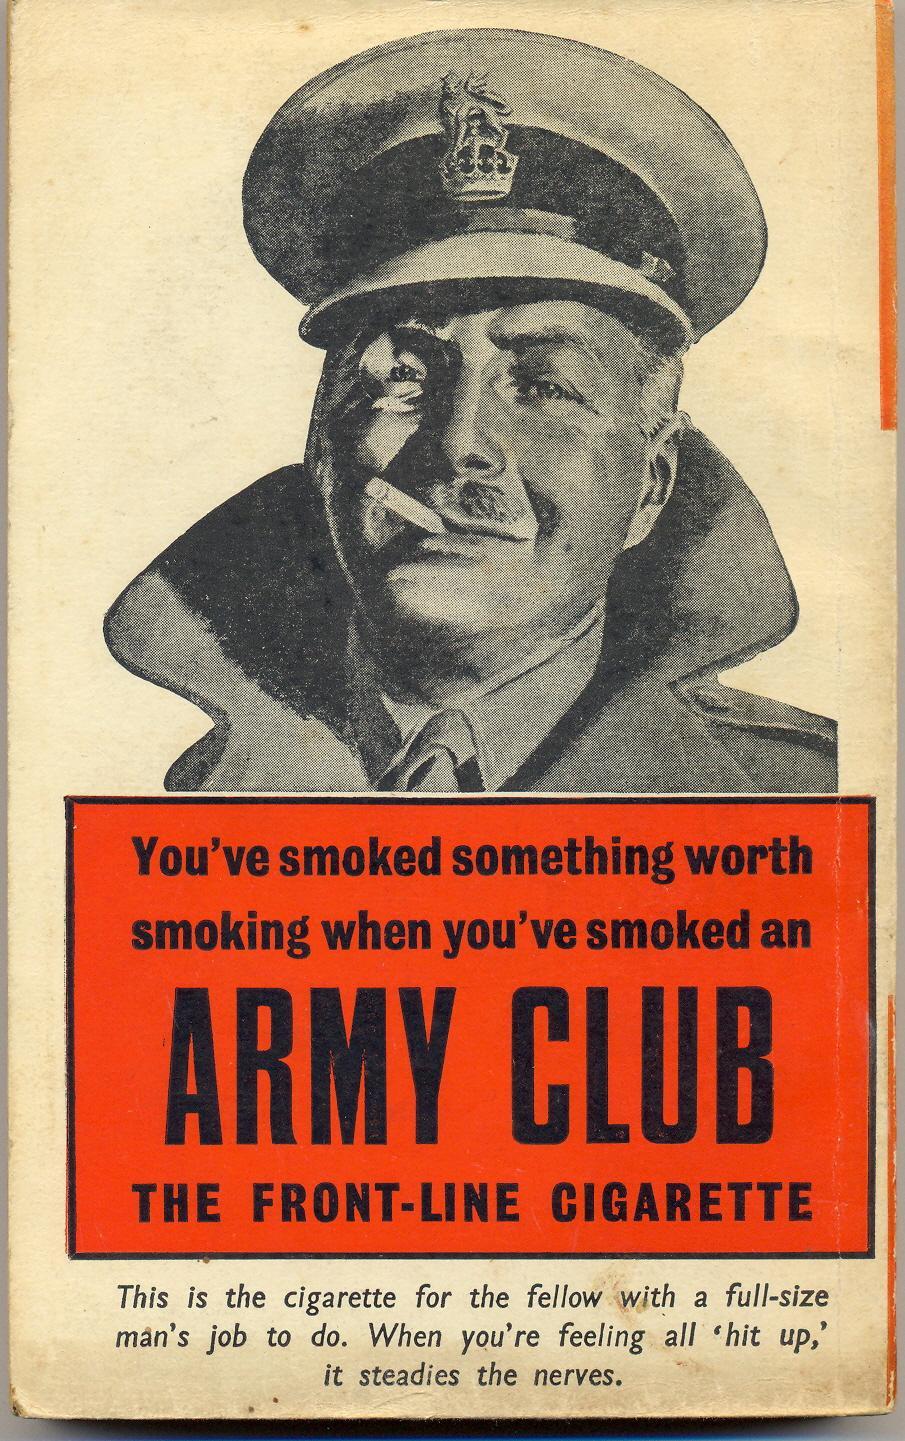 Engelsk sigarettreklame fra 1940-tallet